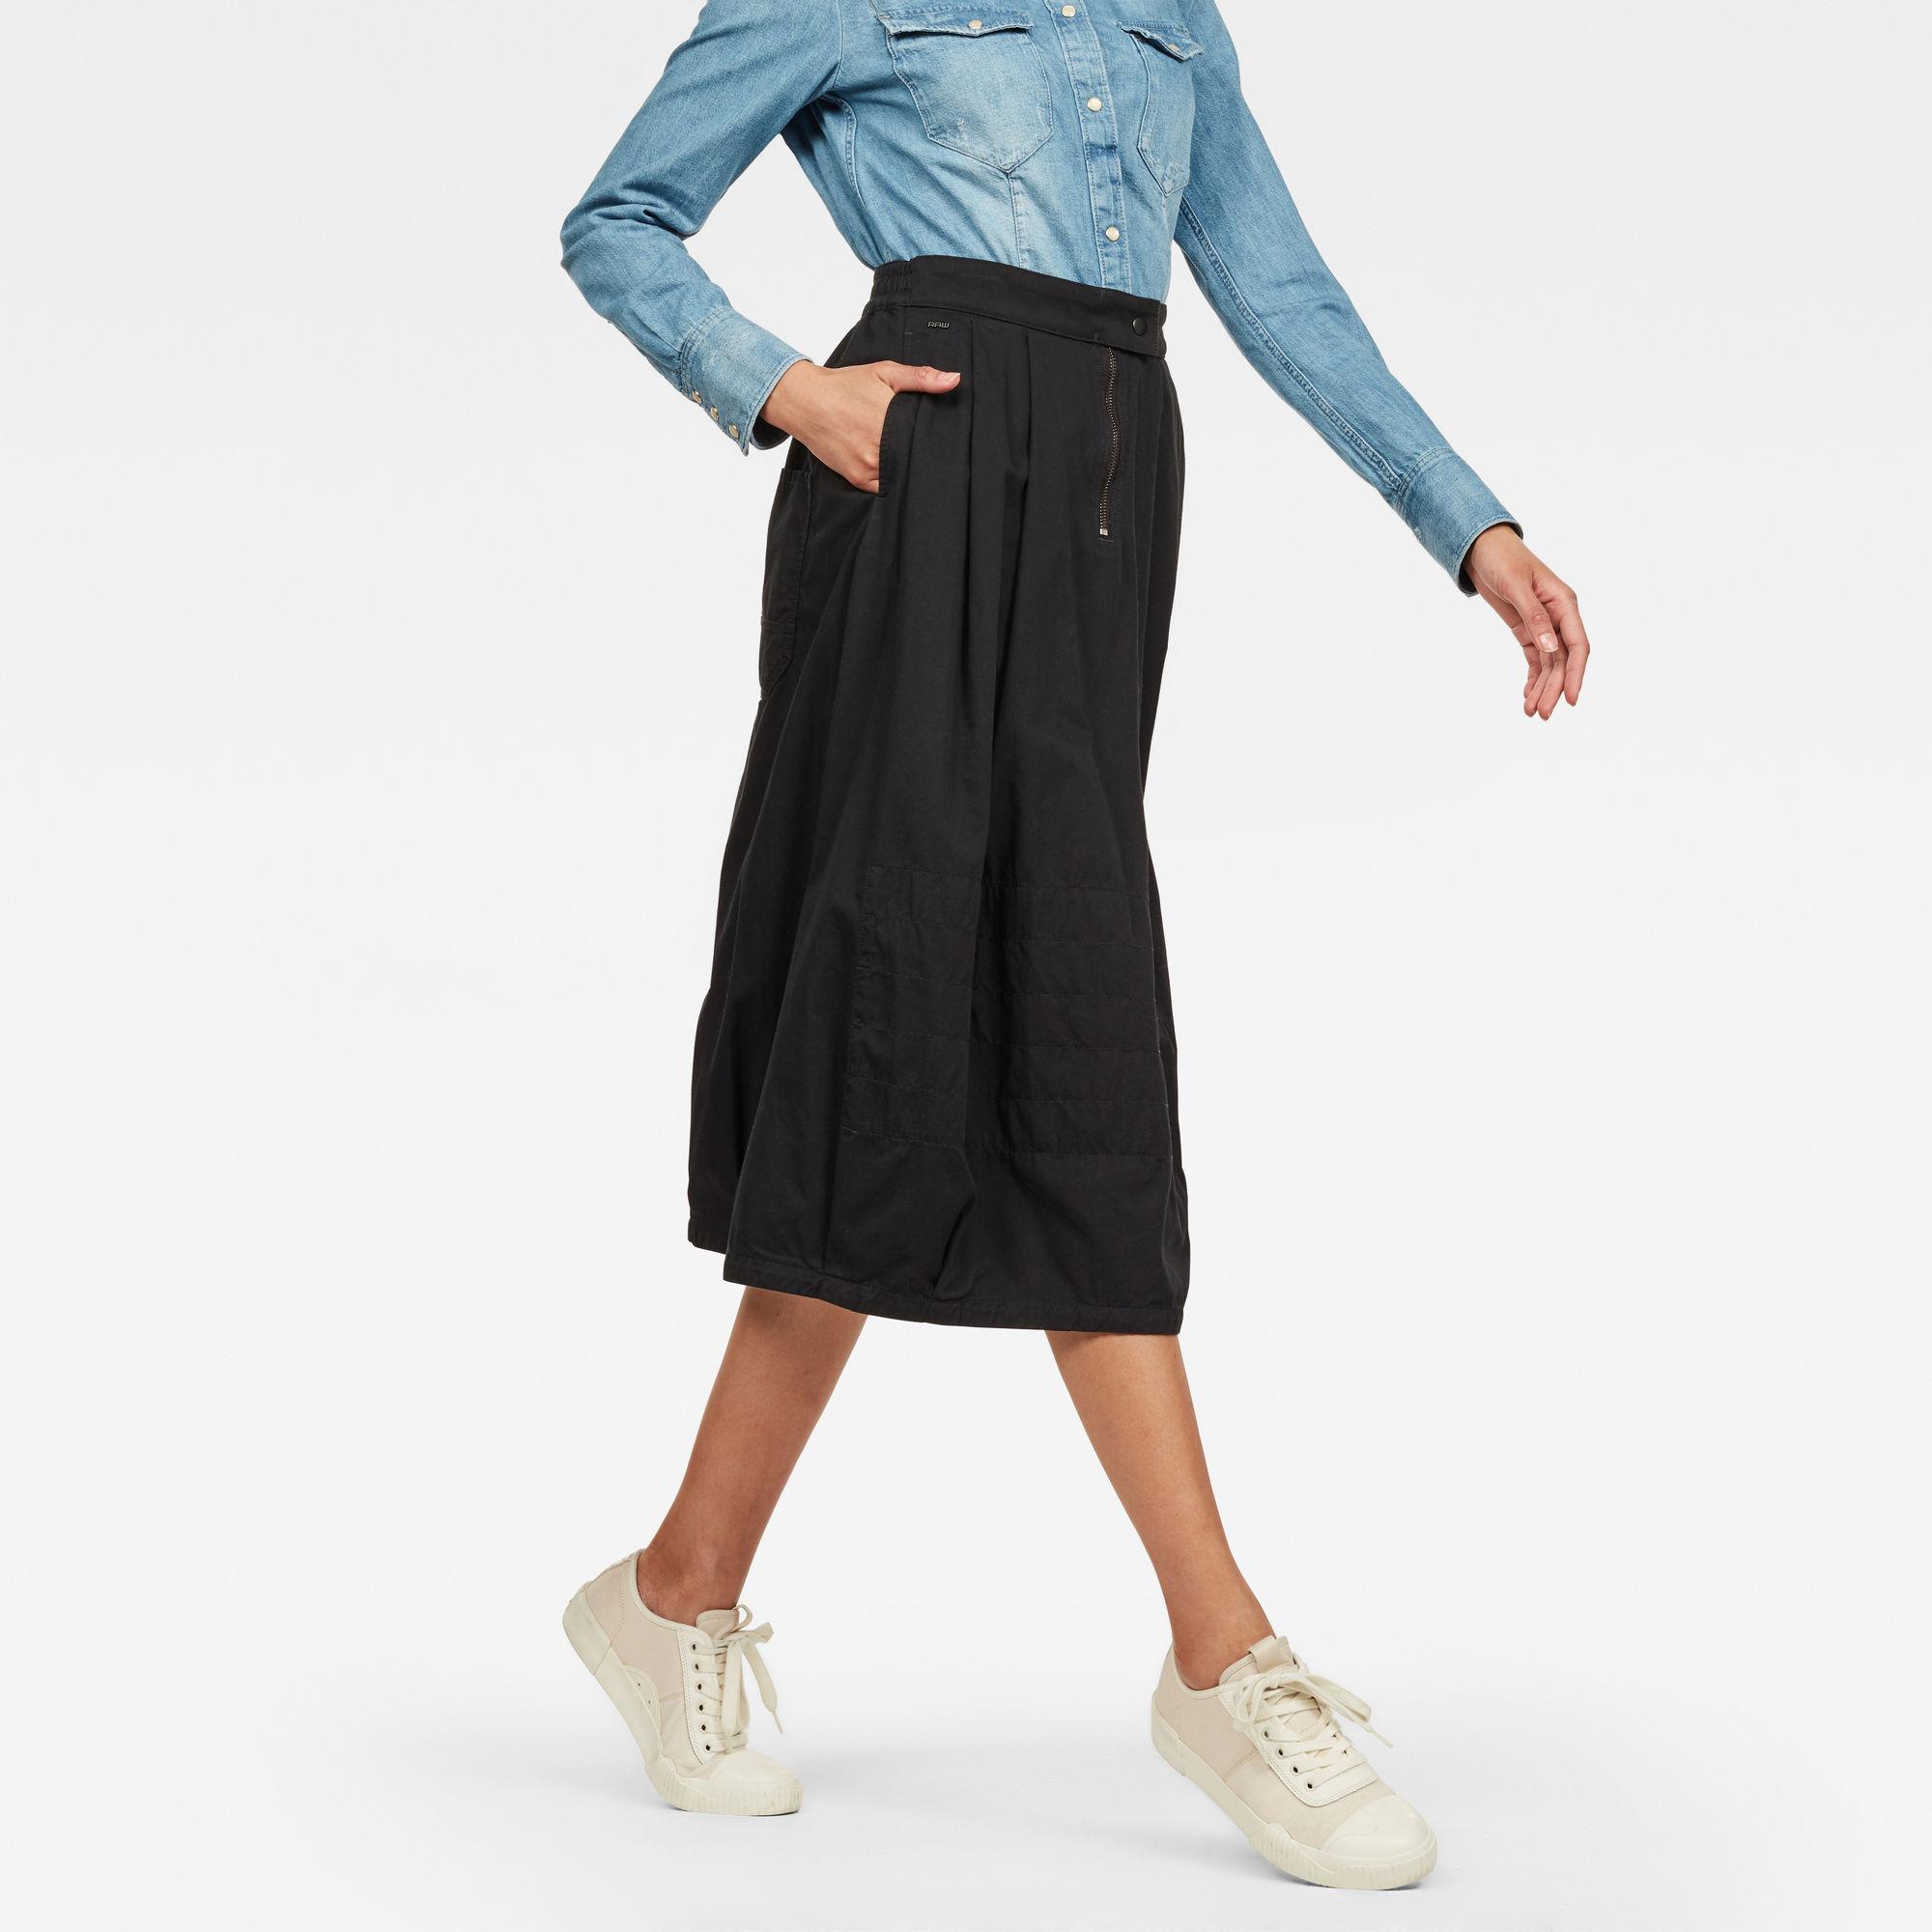 Image of G Star Raw Parachute Skirt